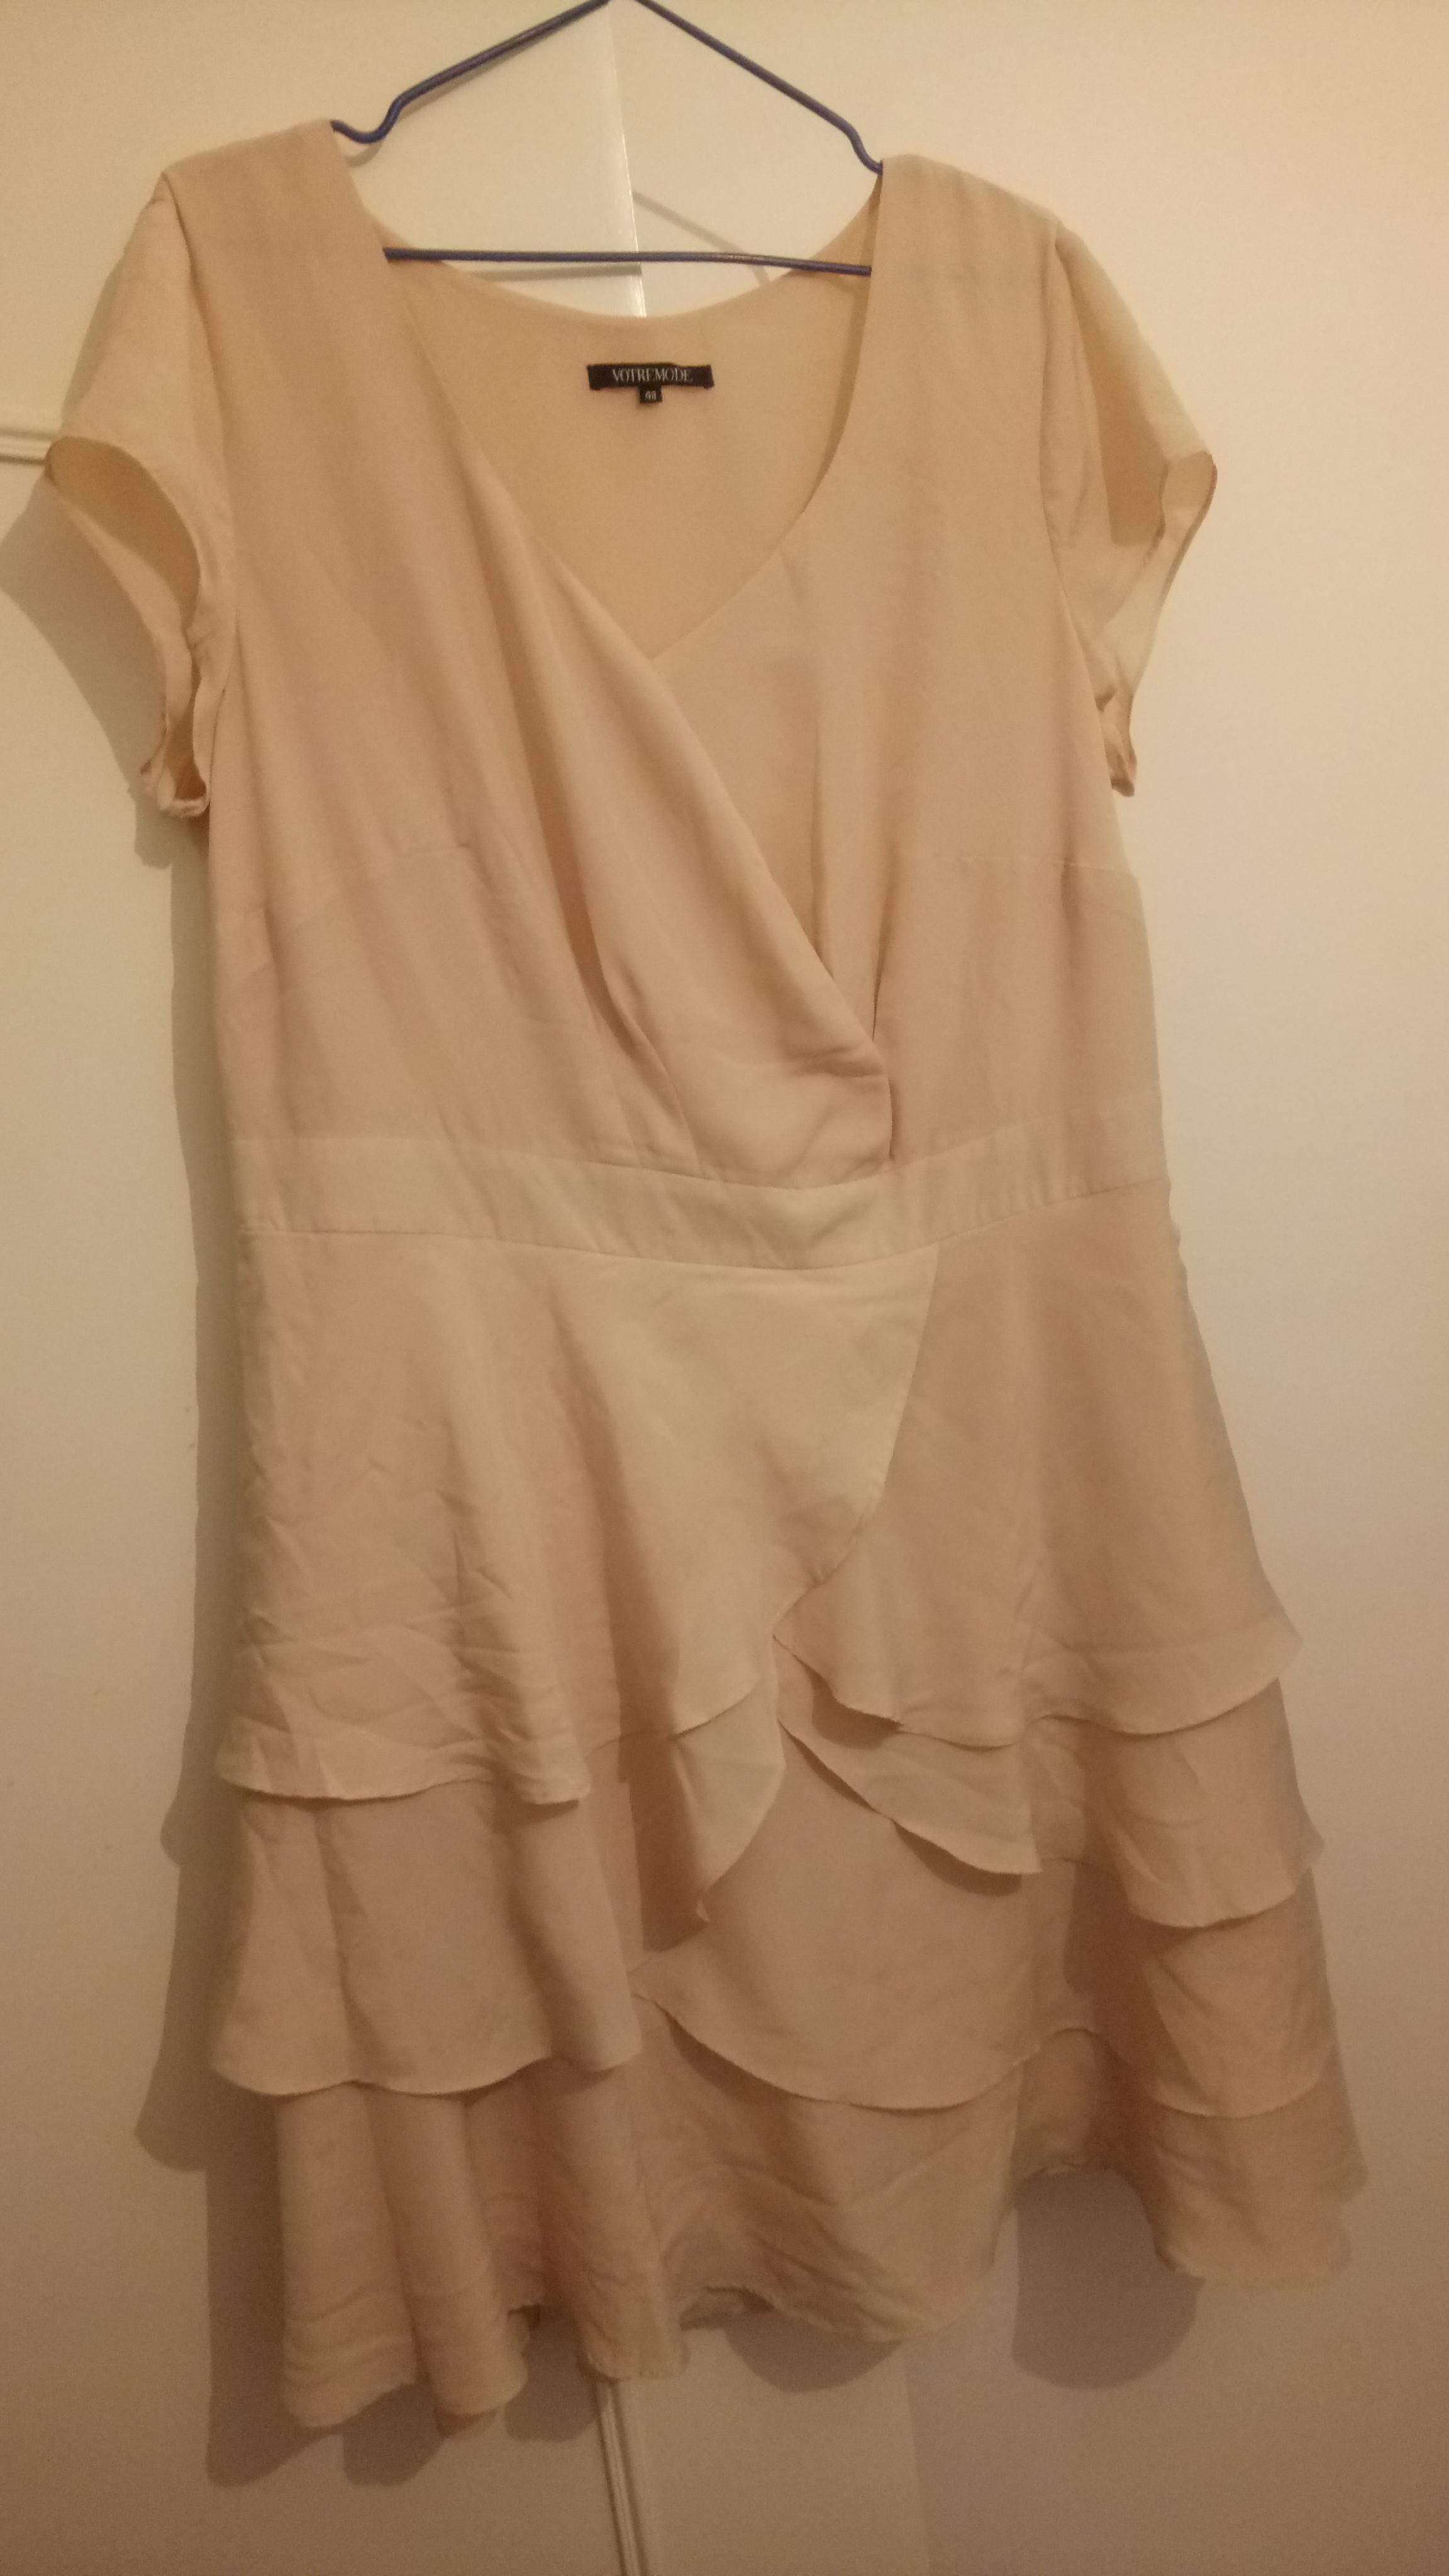 troc de troc robe sable t48 image 2